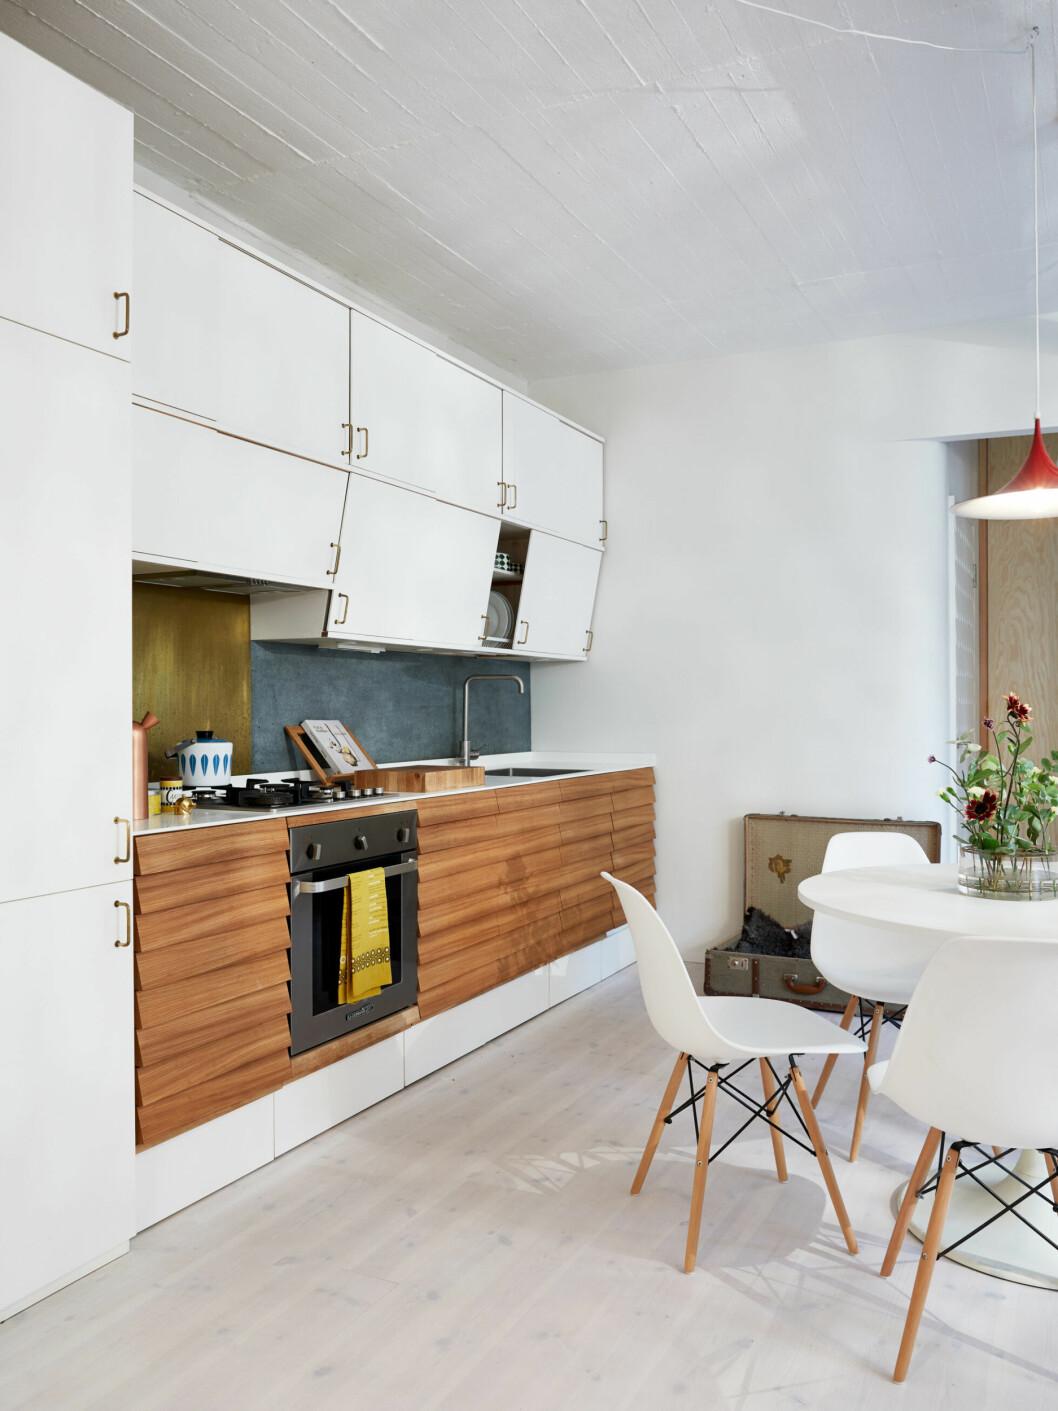 Köket går i vita toner, med vita skåpluckor, bord och stolar